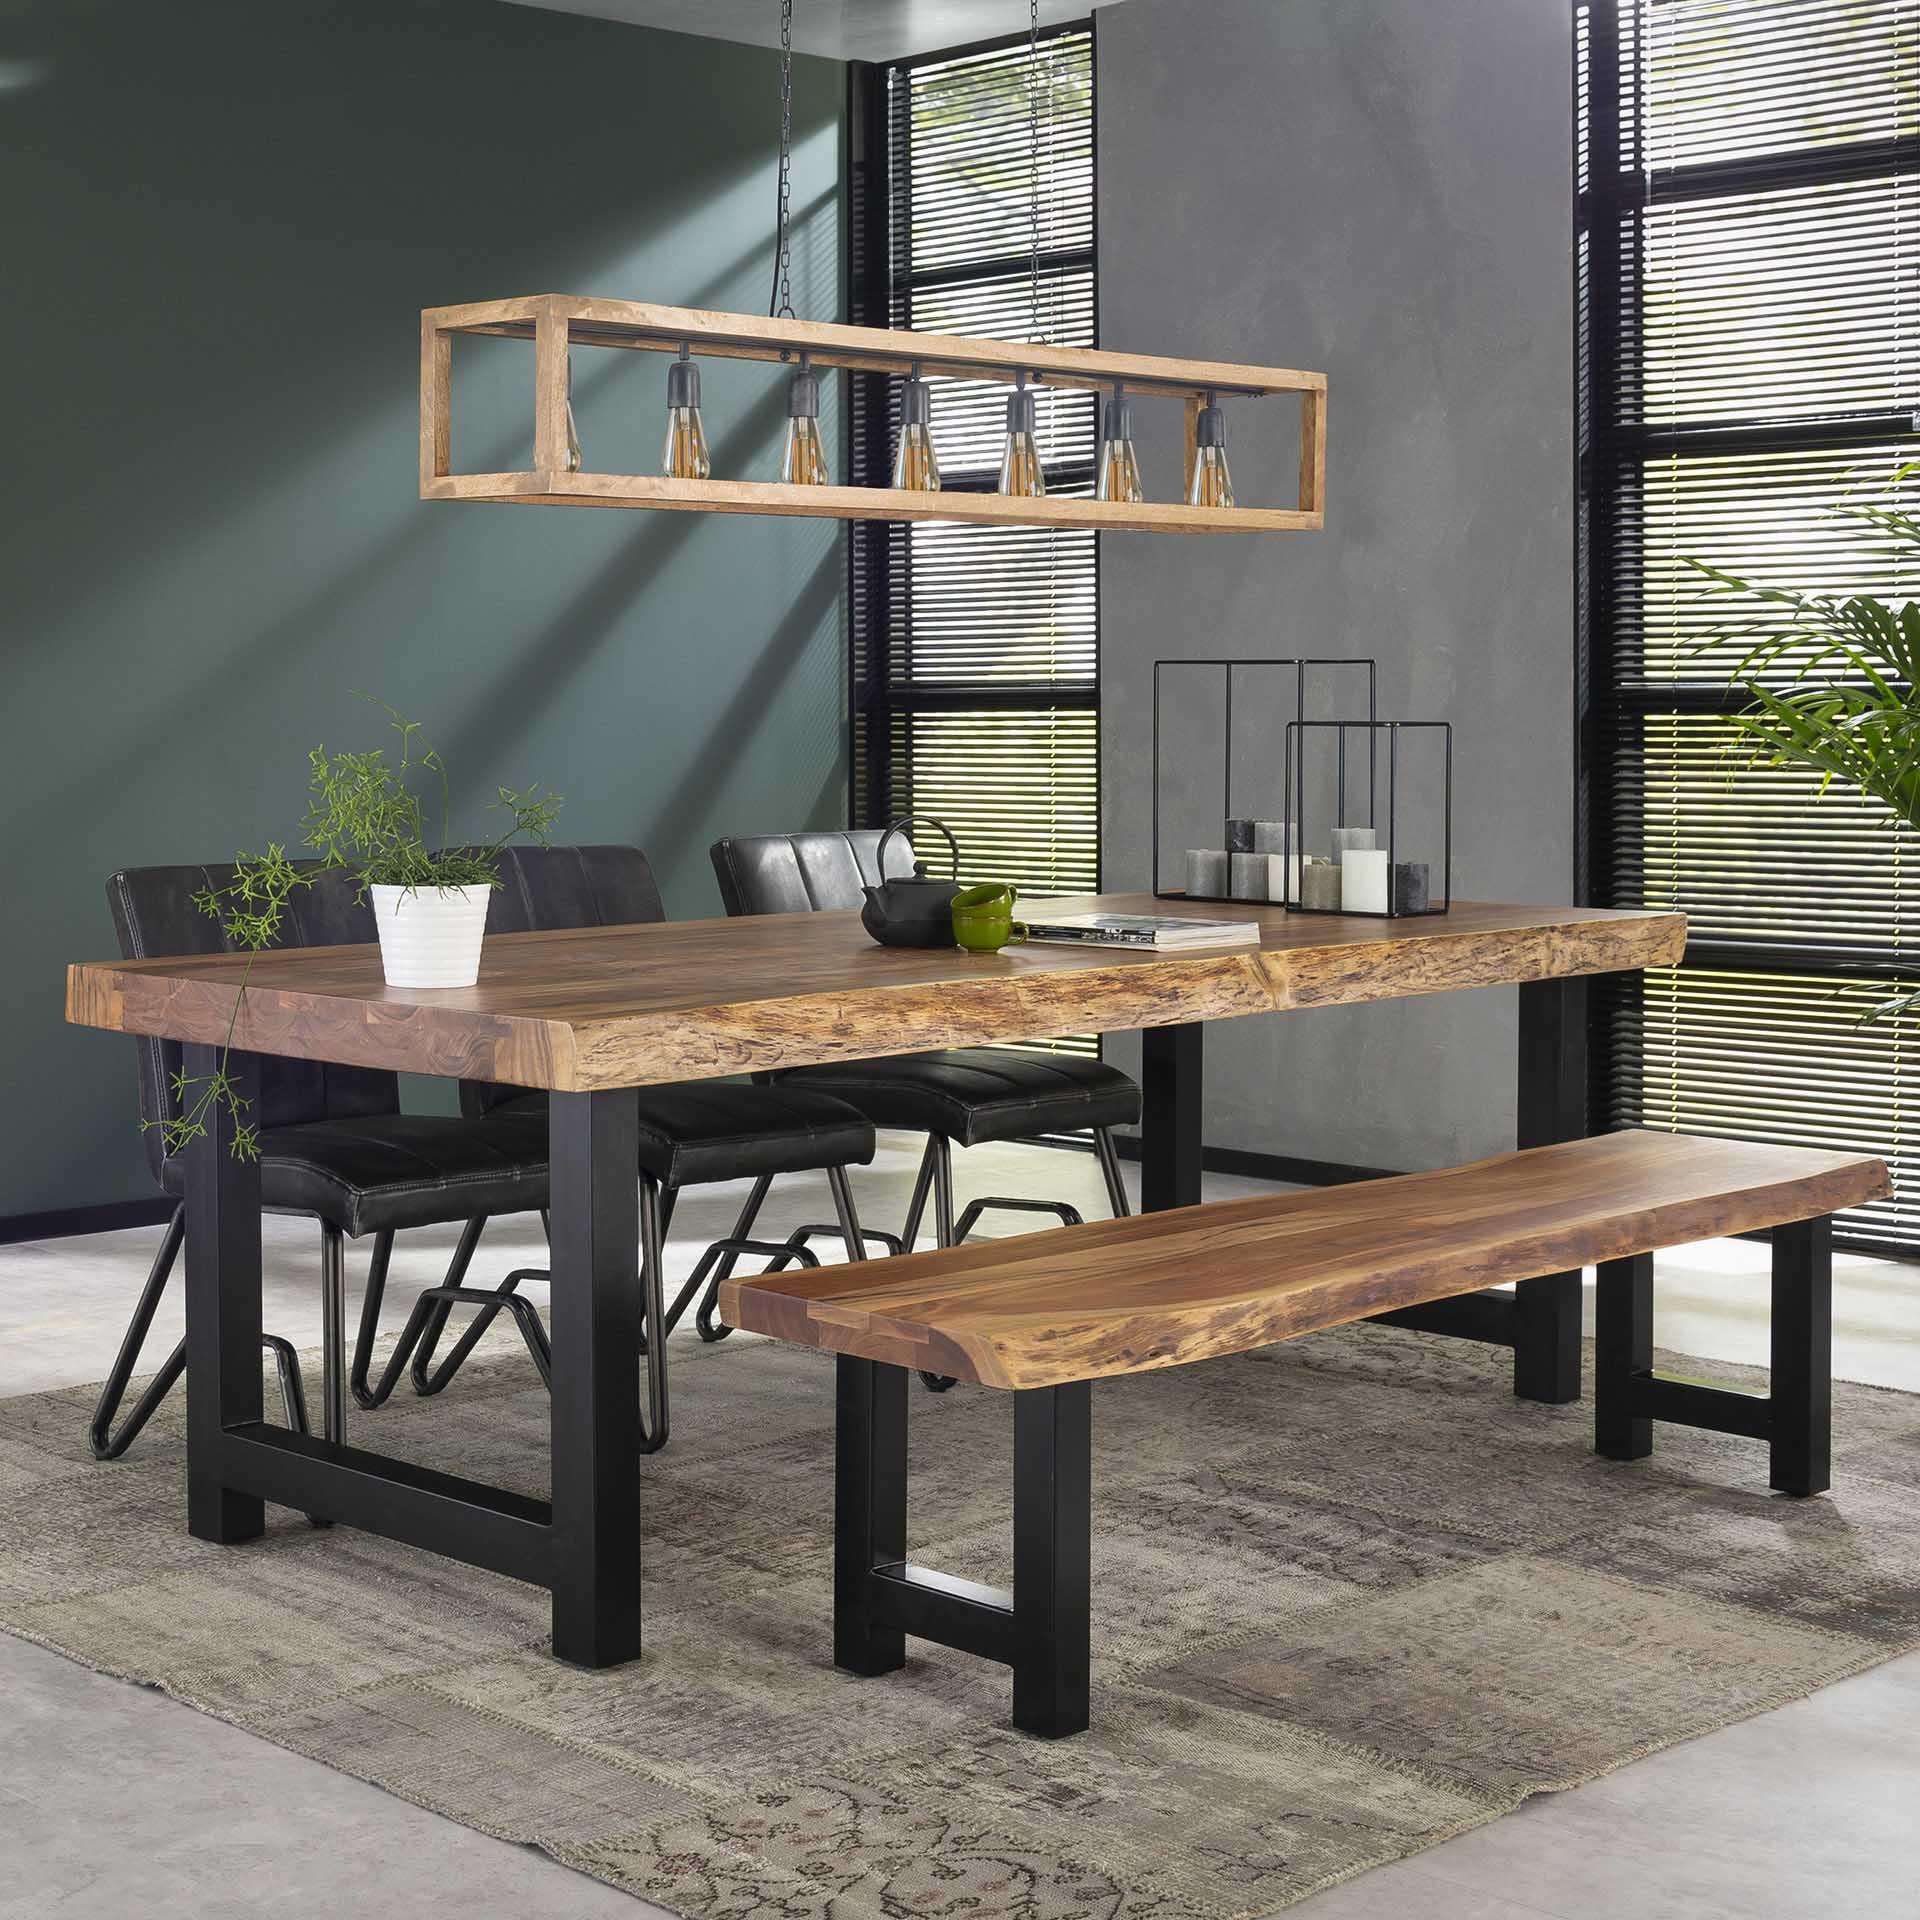 Table A Manger Bois Massif Metal 240 Cm Melbourne Tables A